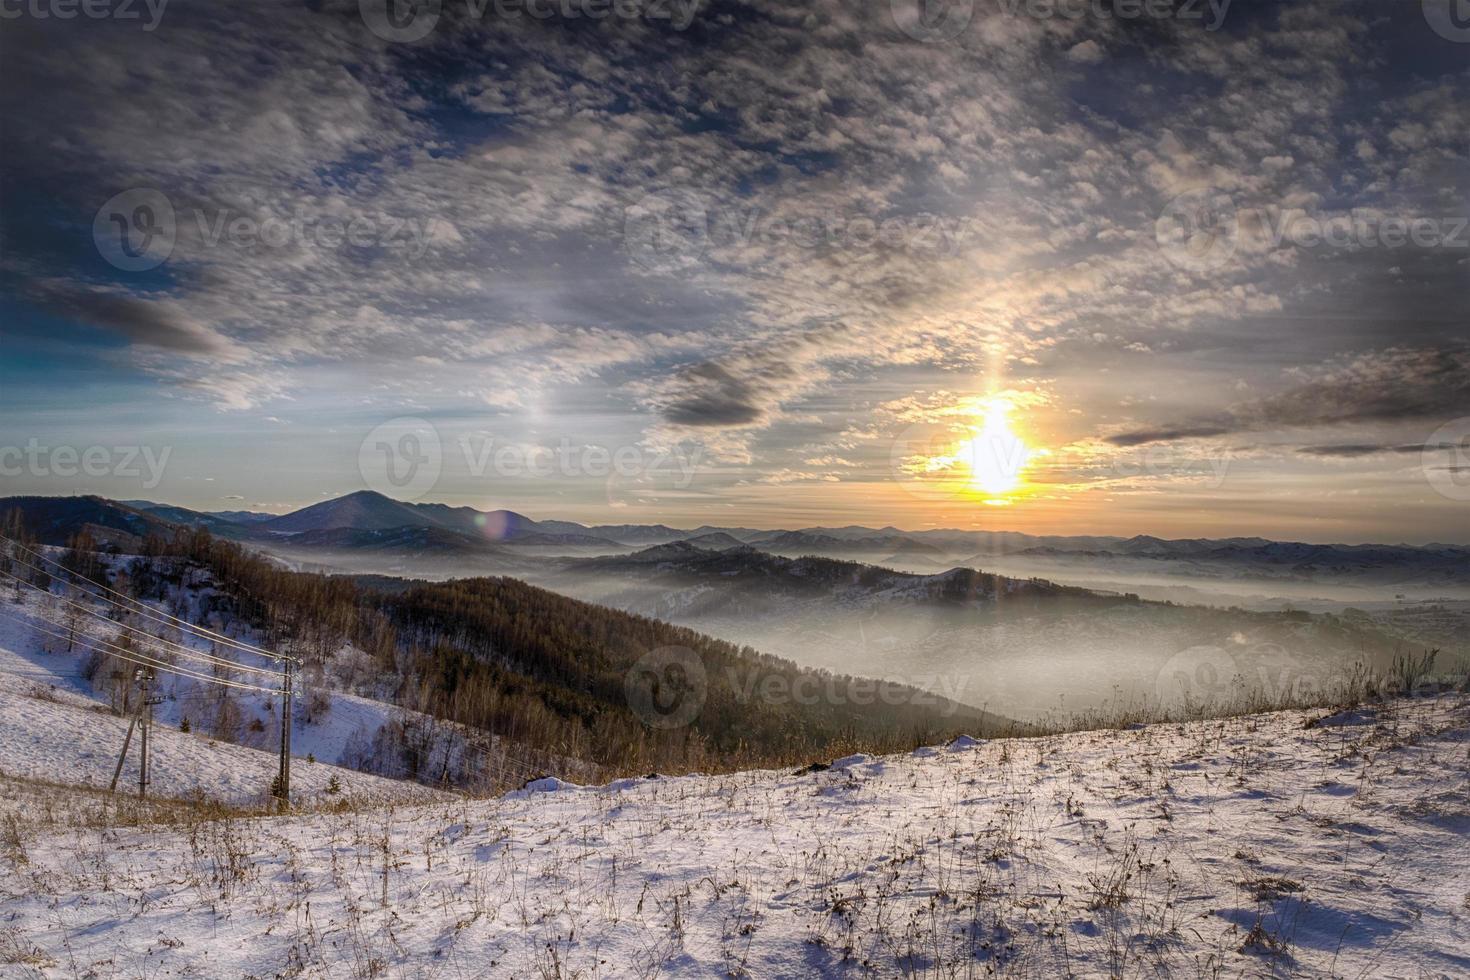 sol nas montanhas foto